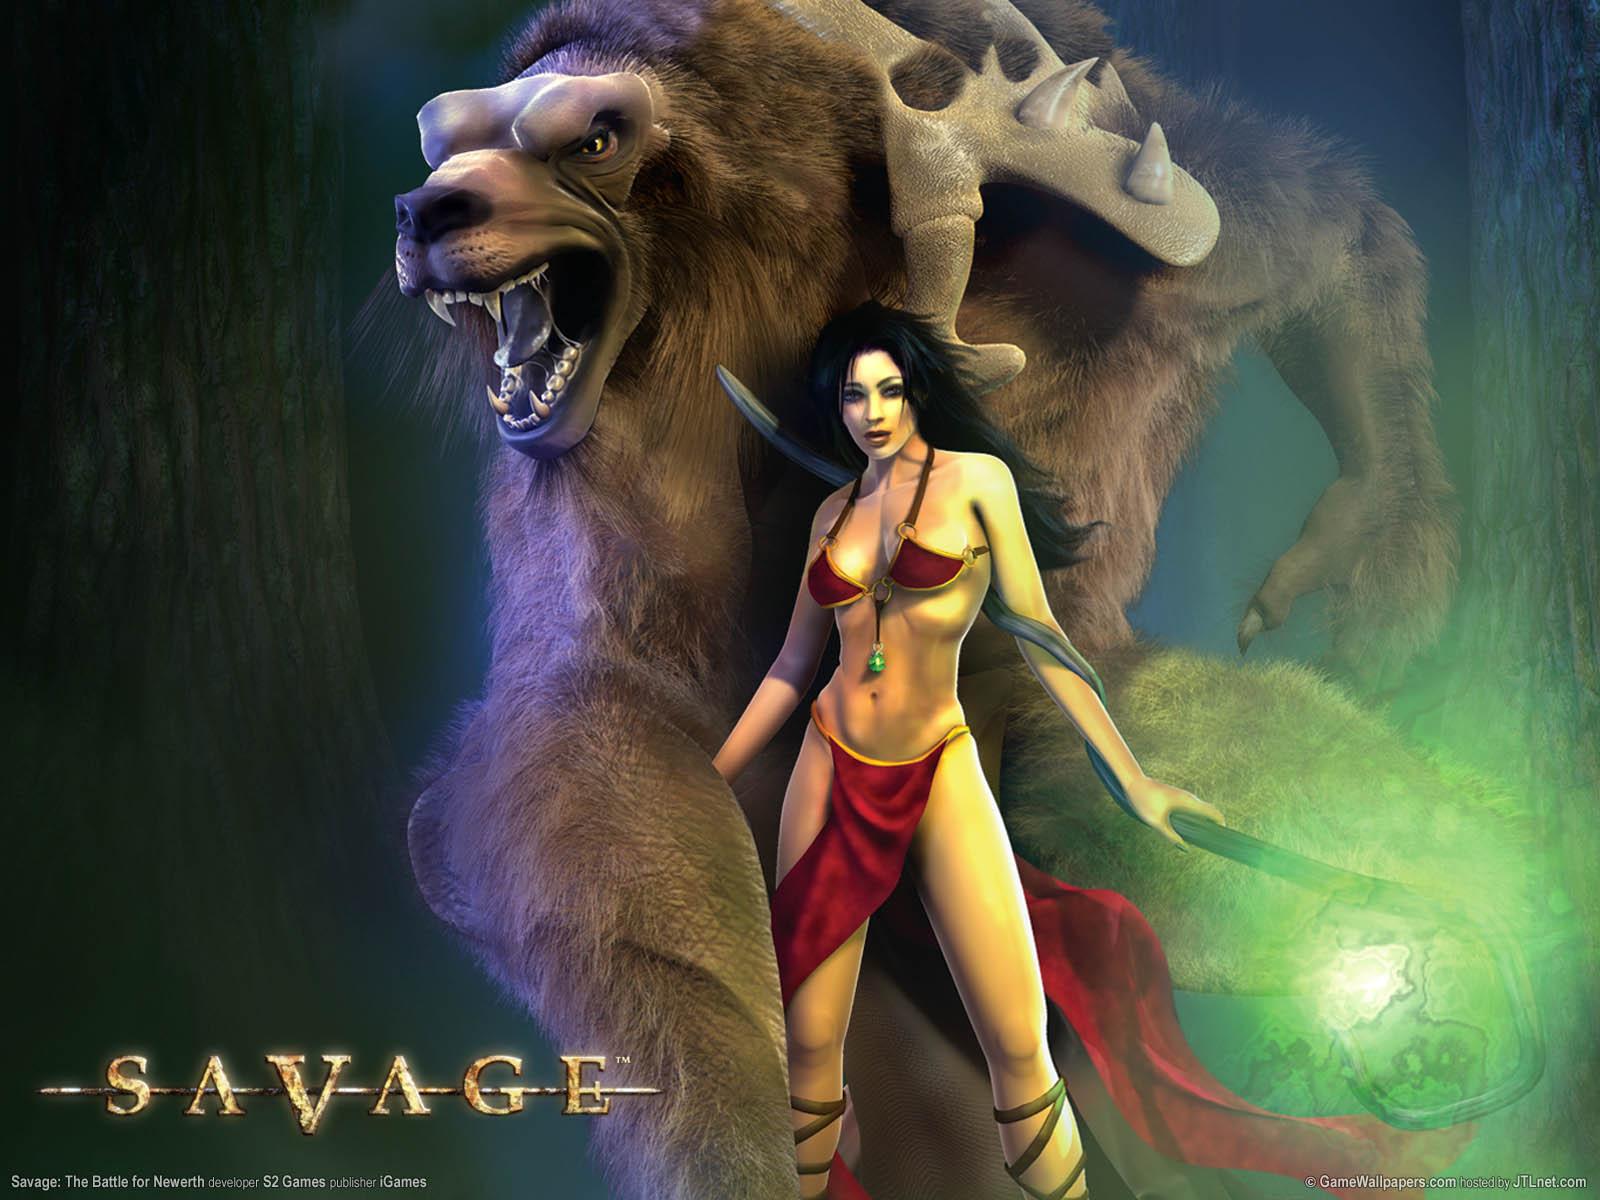 Savage: The Battle for Newerth Hintergrundbild 01 1600x1200